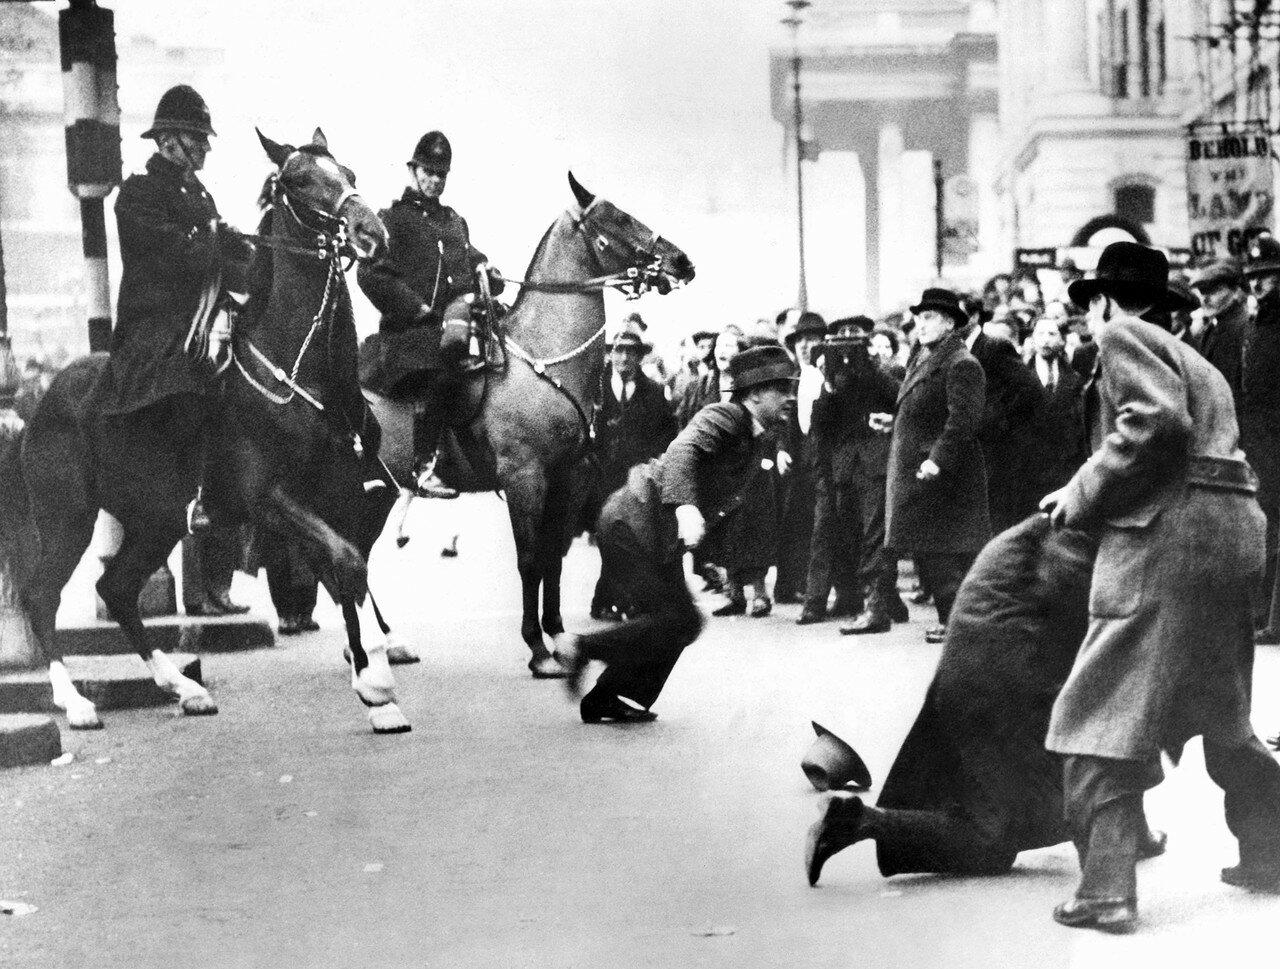 1934. 4 марта. Инцидент на Трафальгарской площади, случившийся, когда тысячи людей вышли на так называемую «демонстрацию голодных»